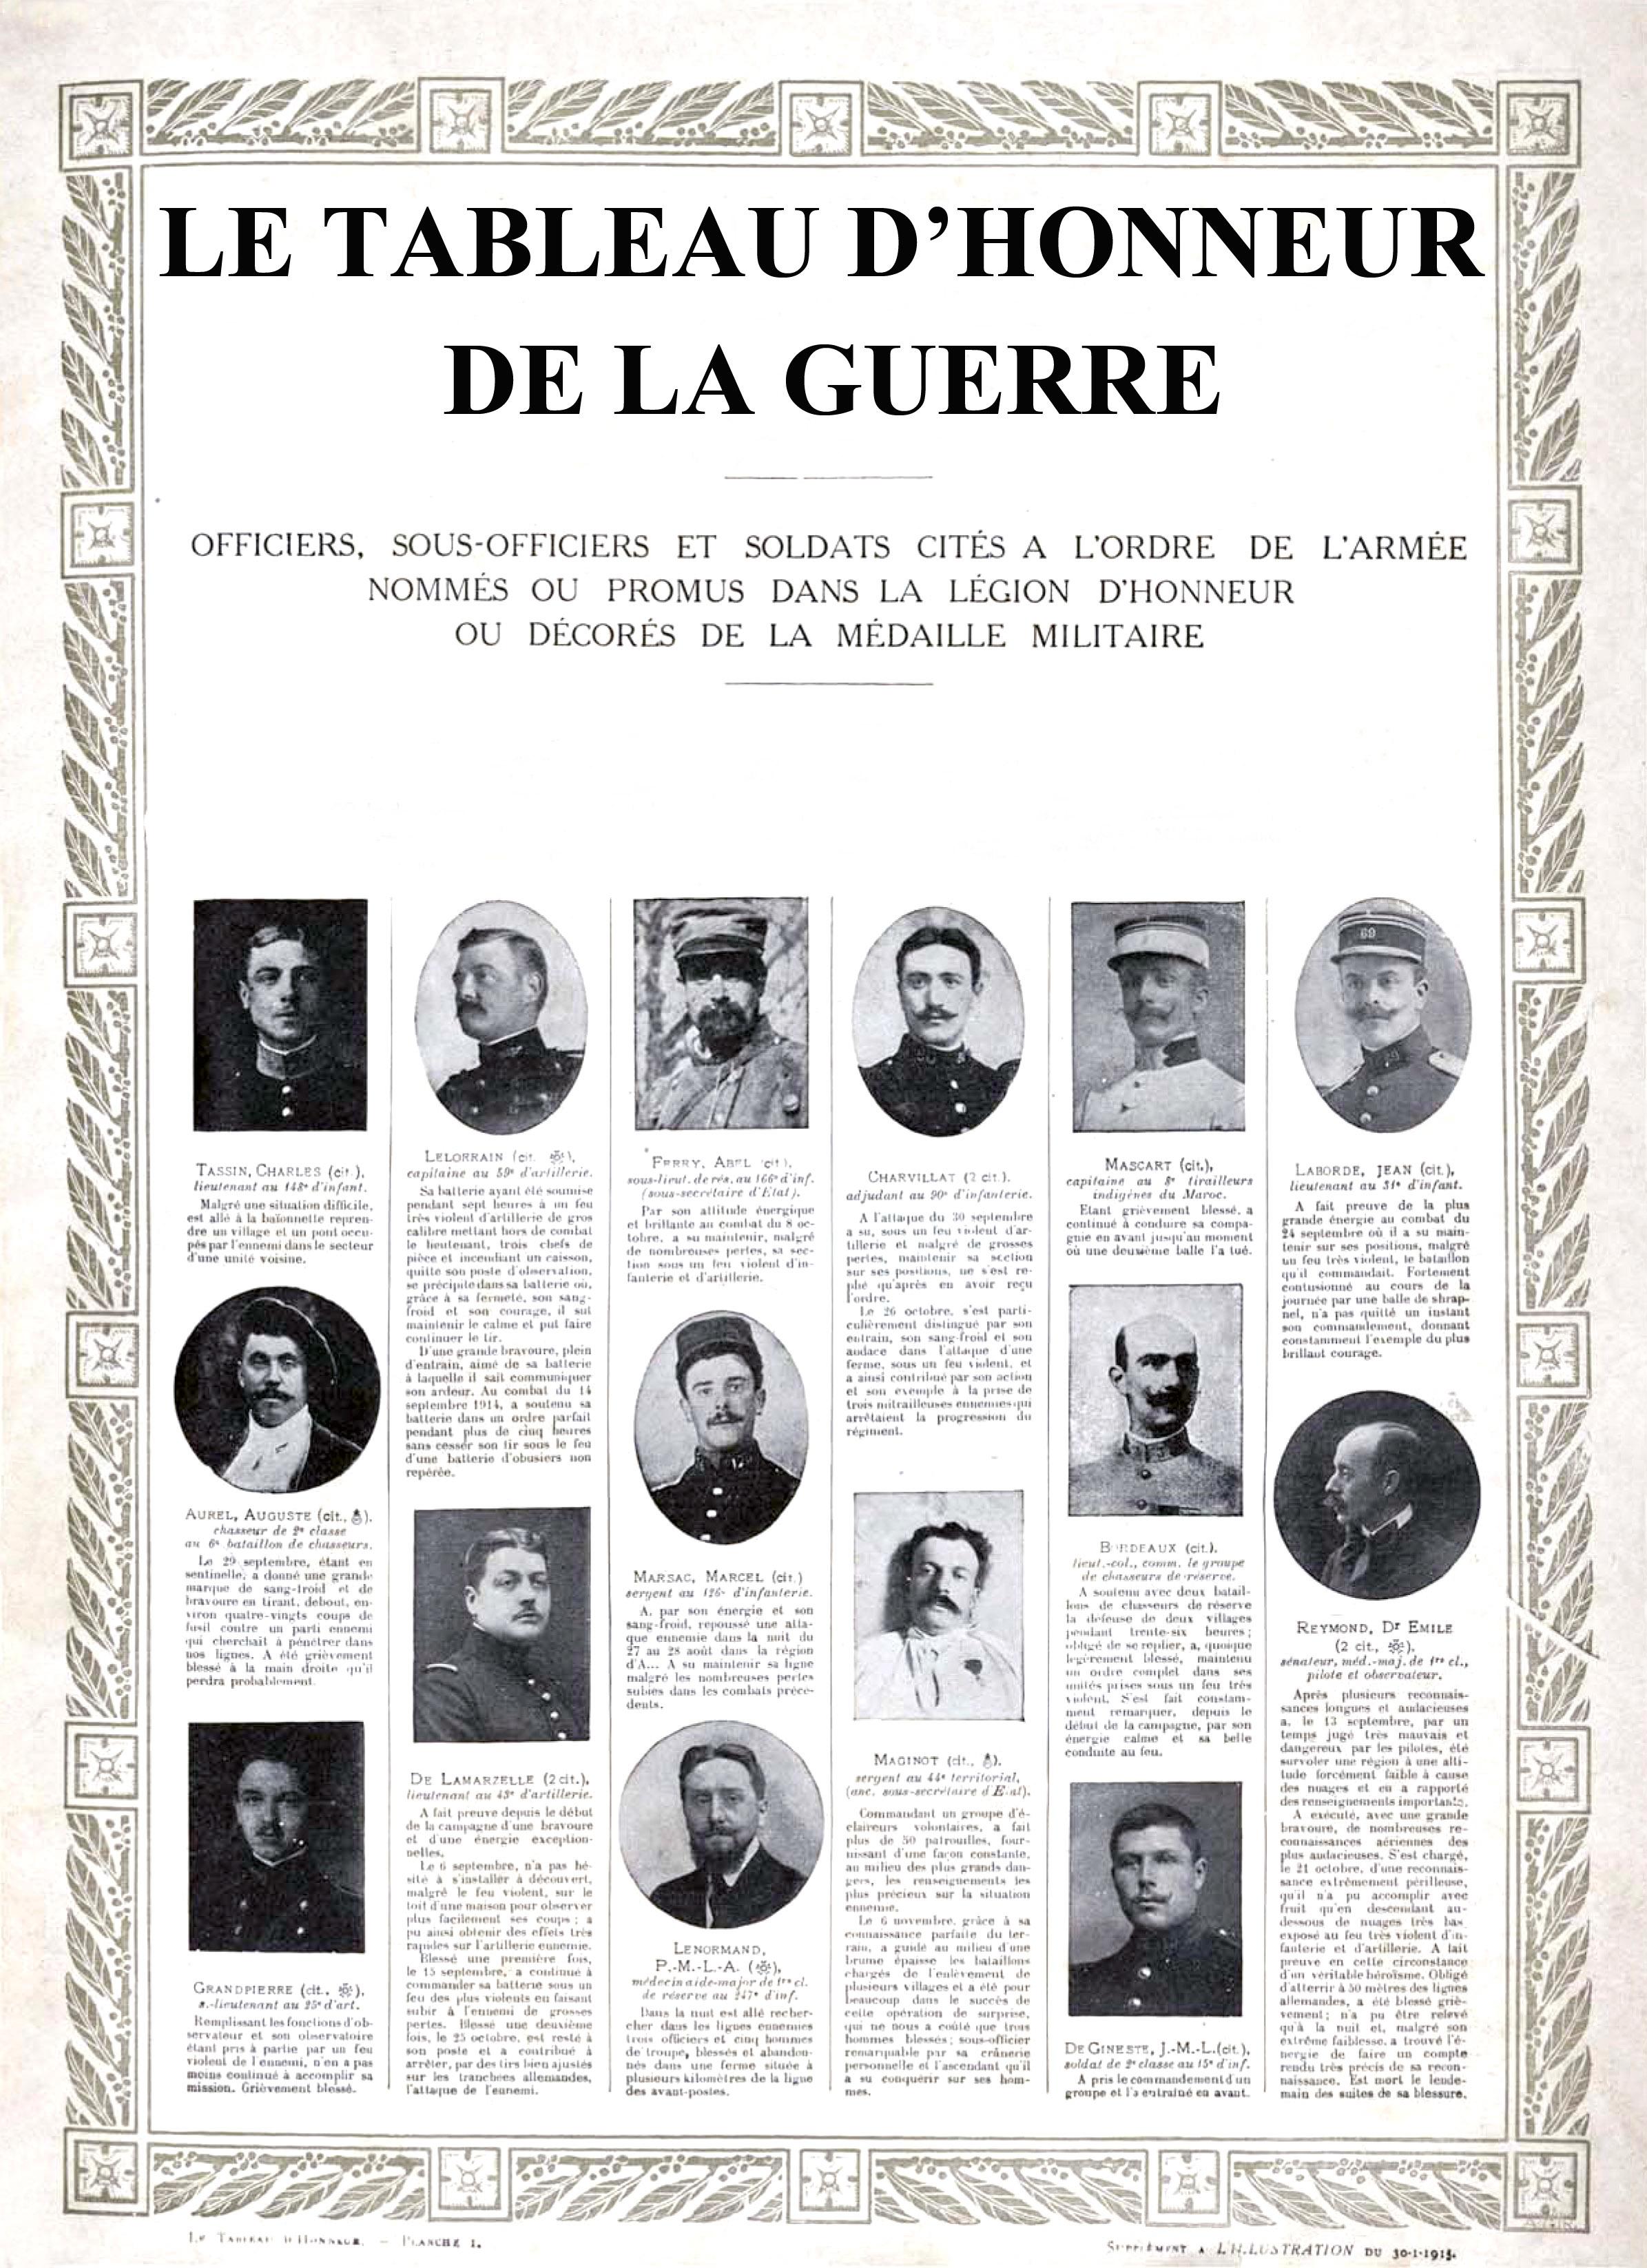 Tableau d'Honneur de la Première Guerre Mondiale de L'Illustration